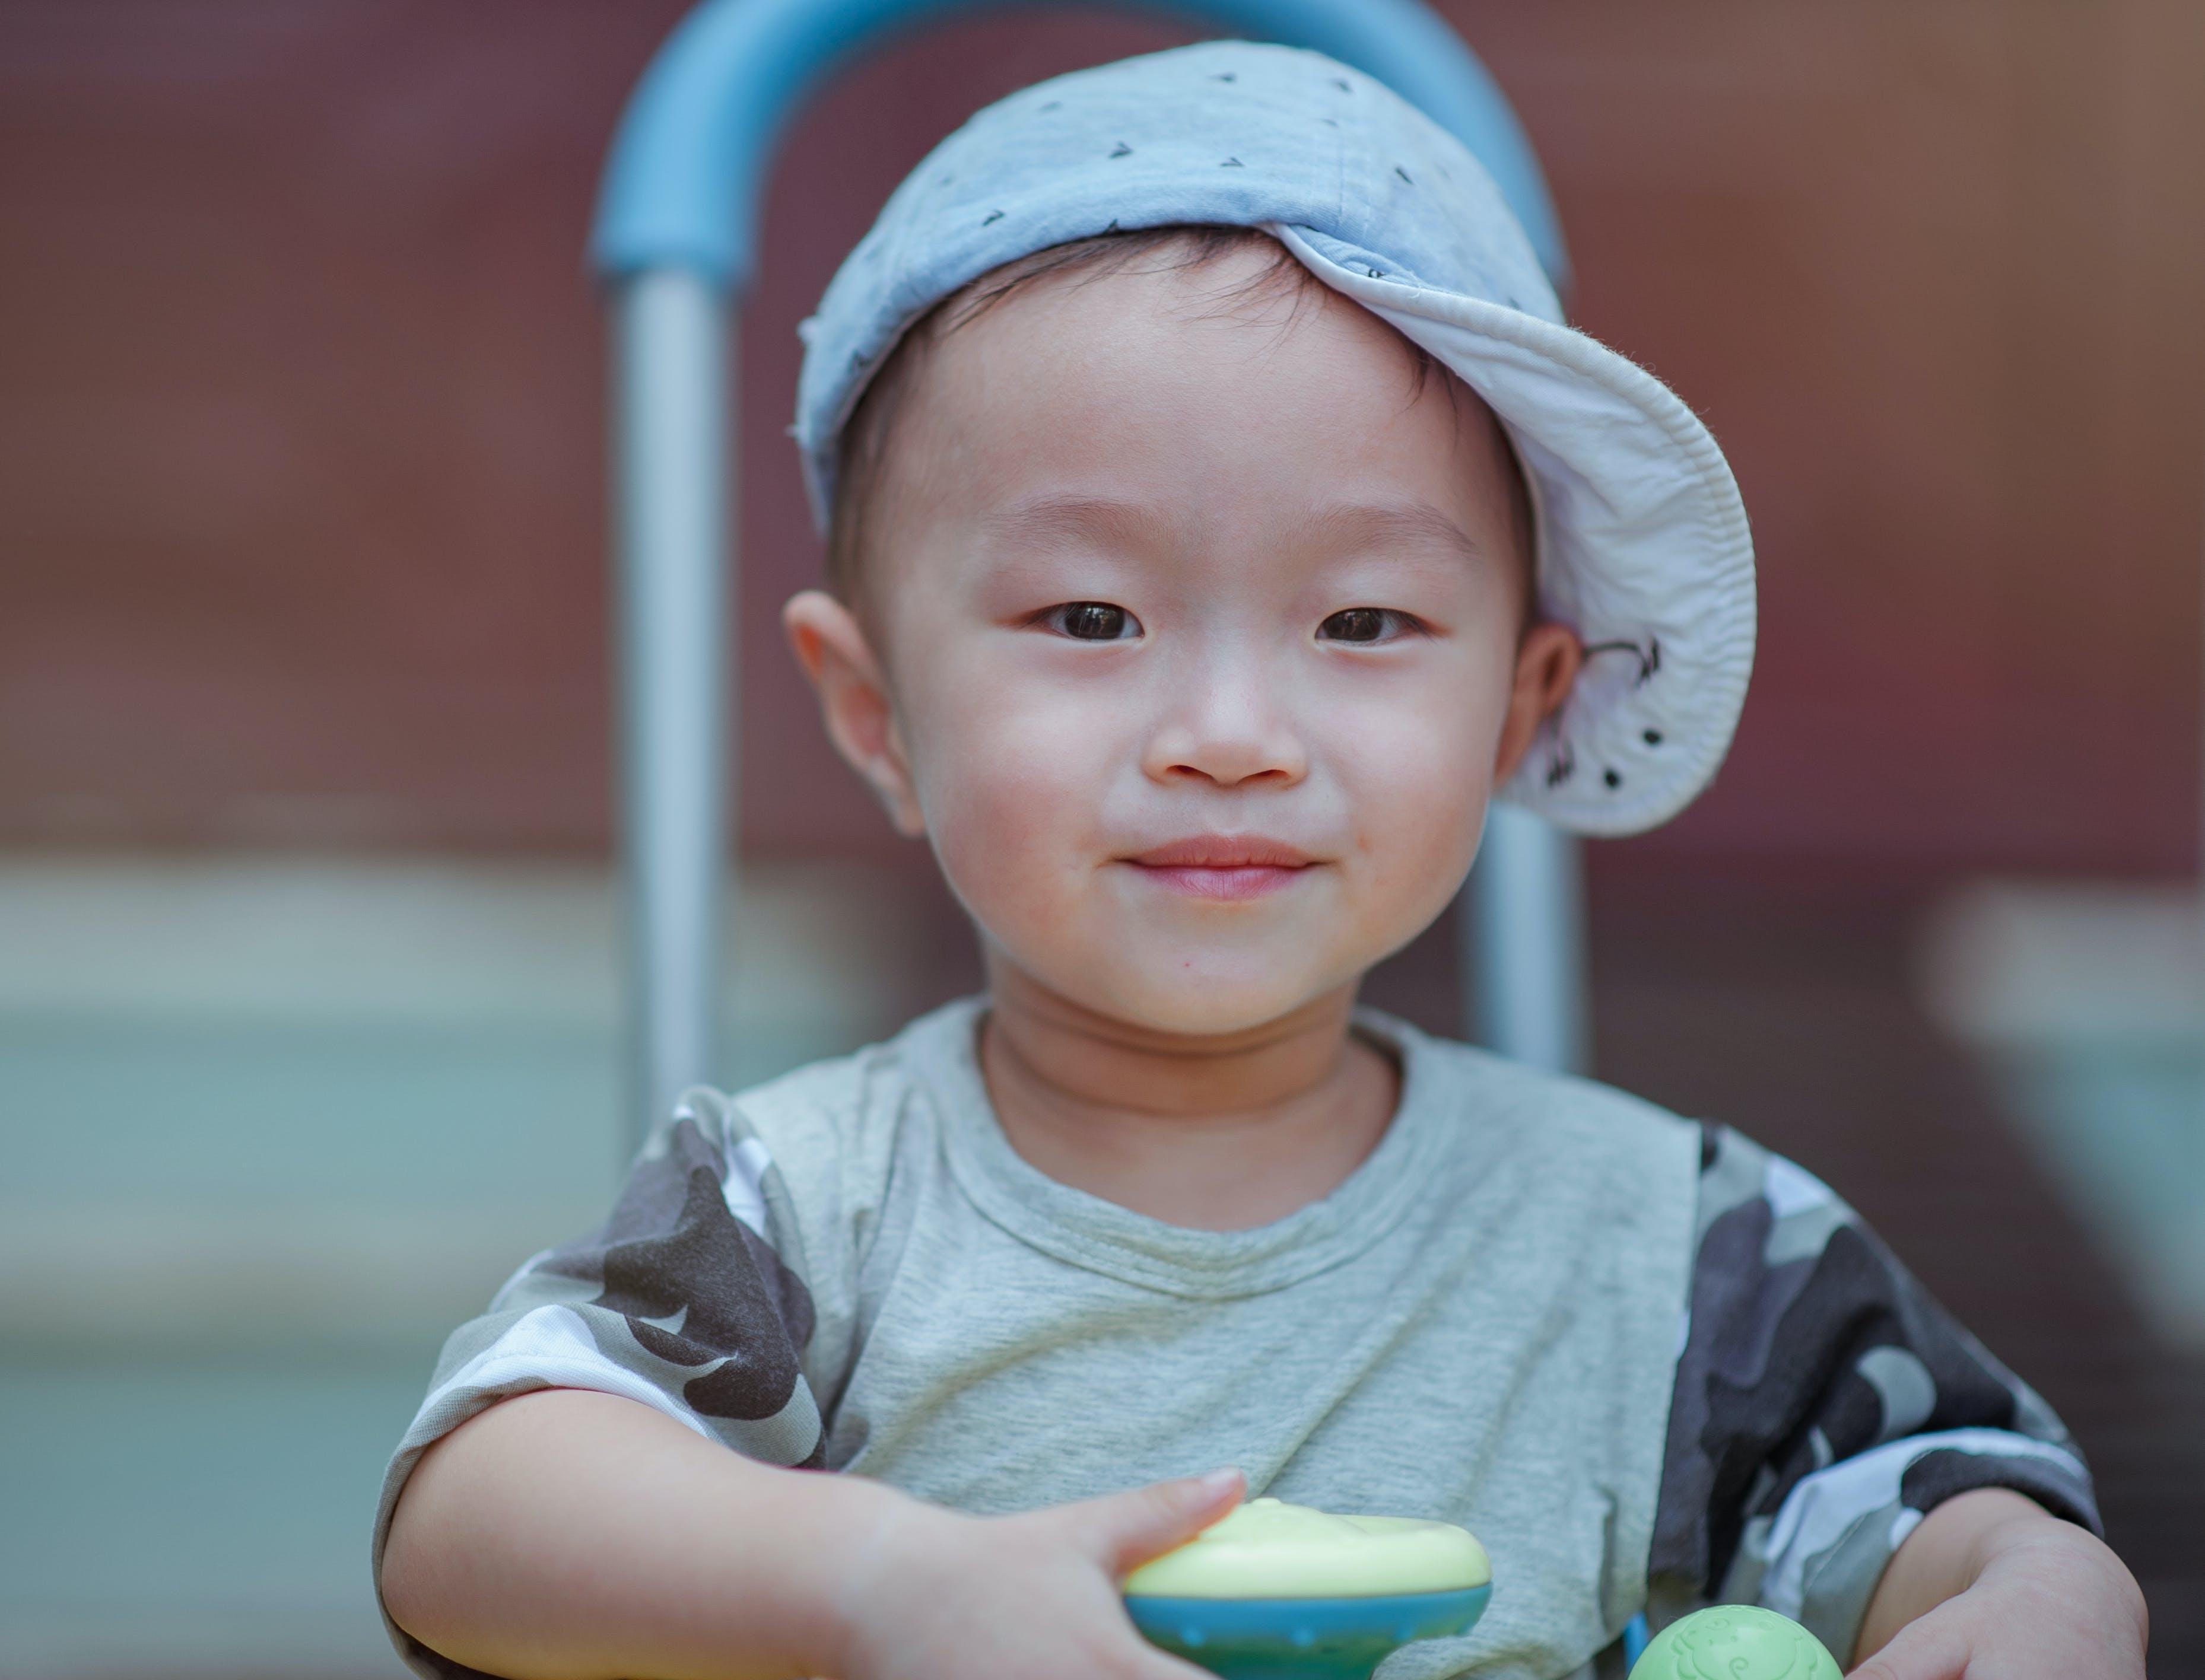 Depth of Field Photo of Boy Wearing Blue Cap